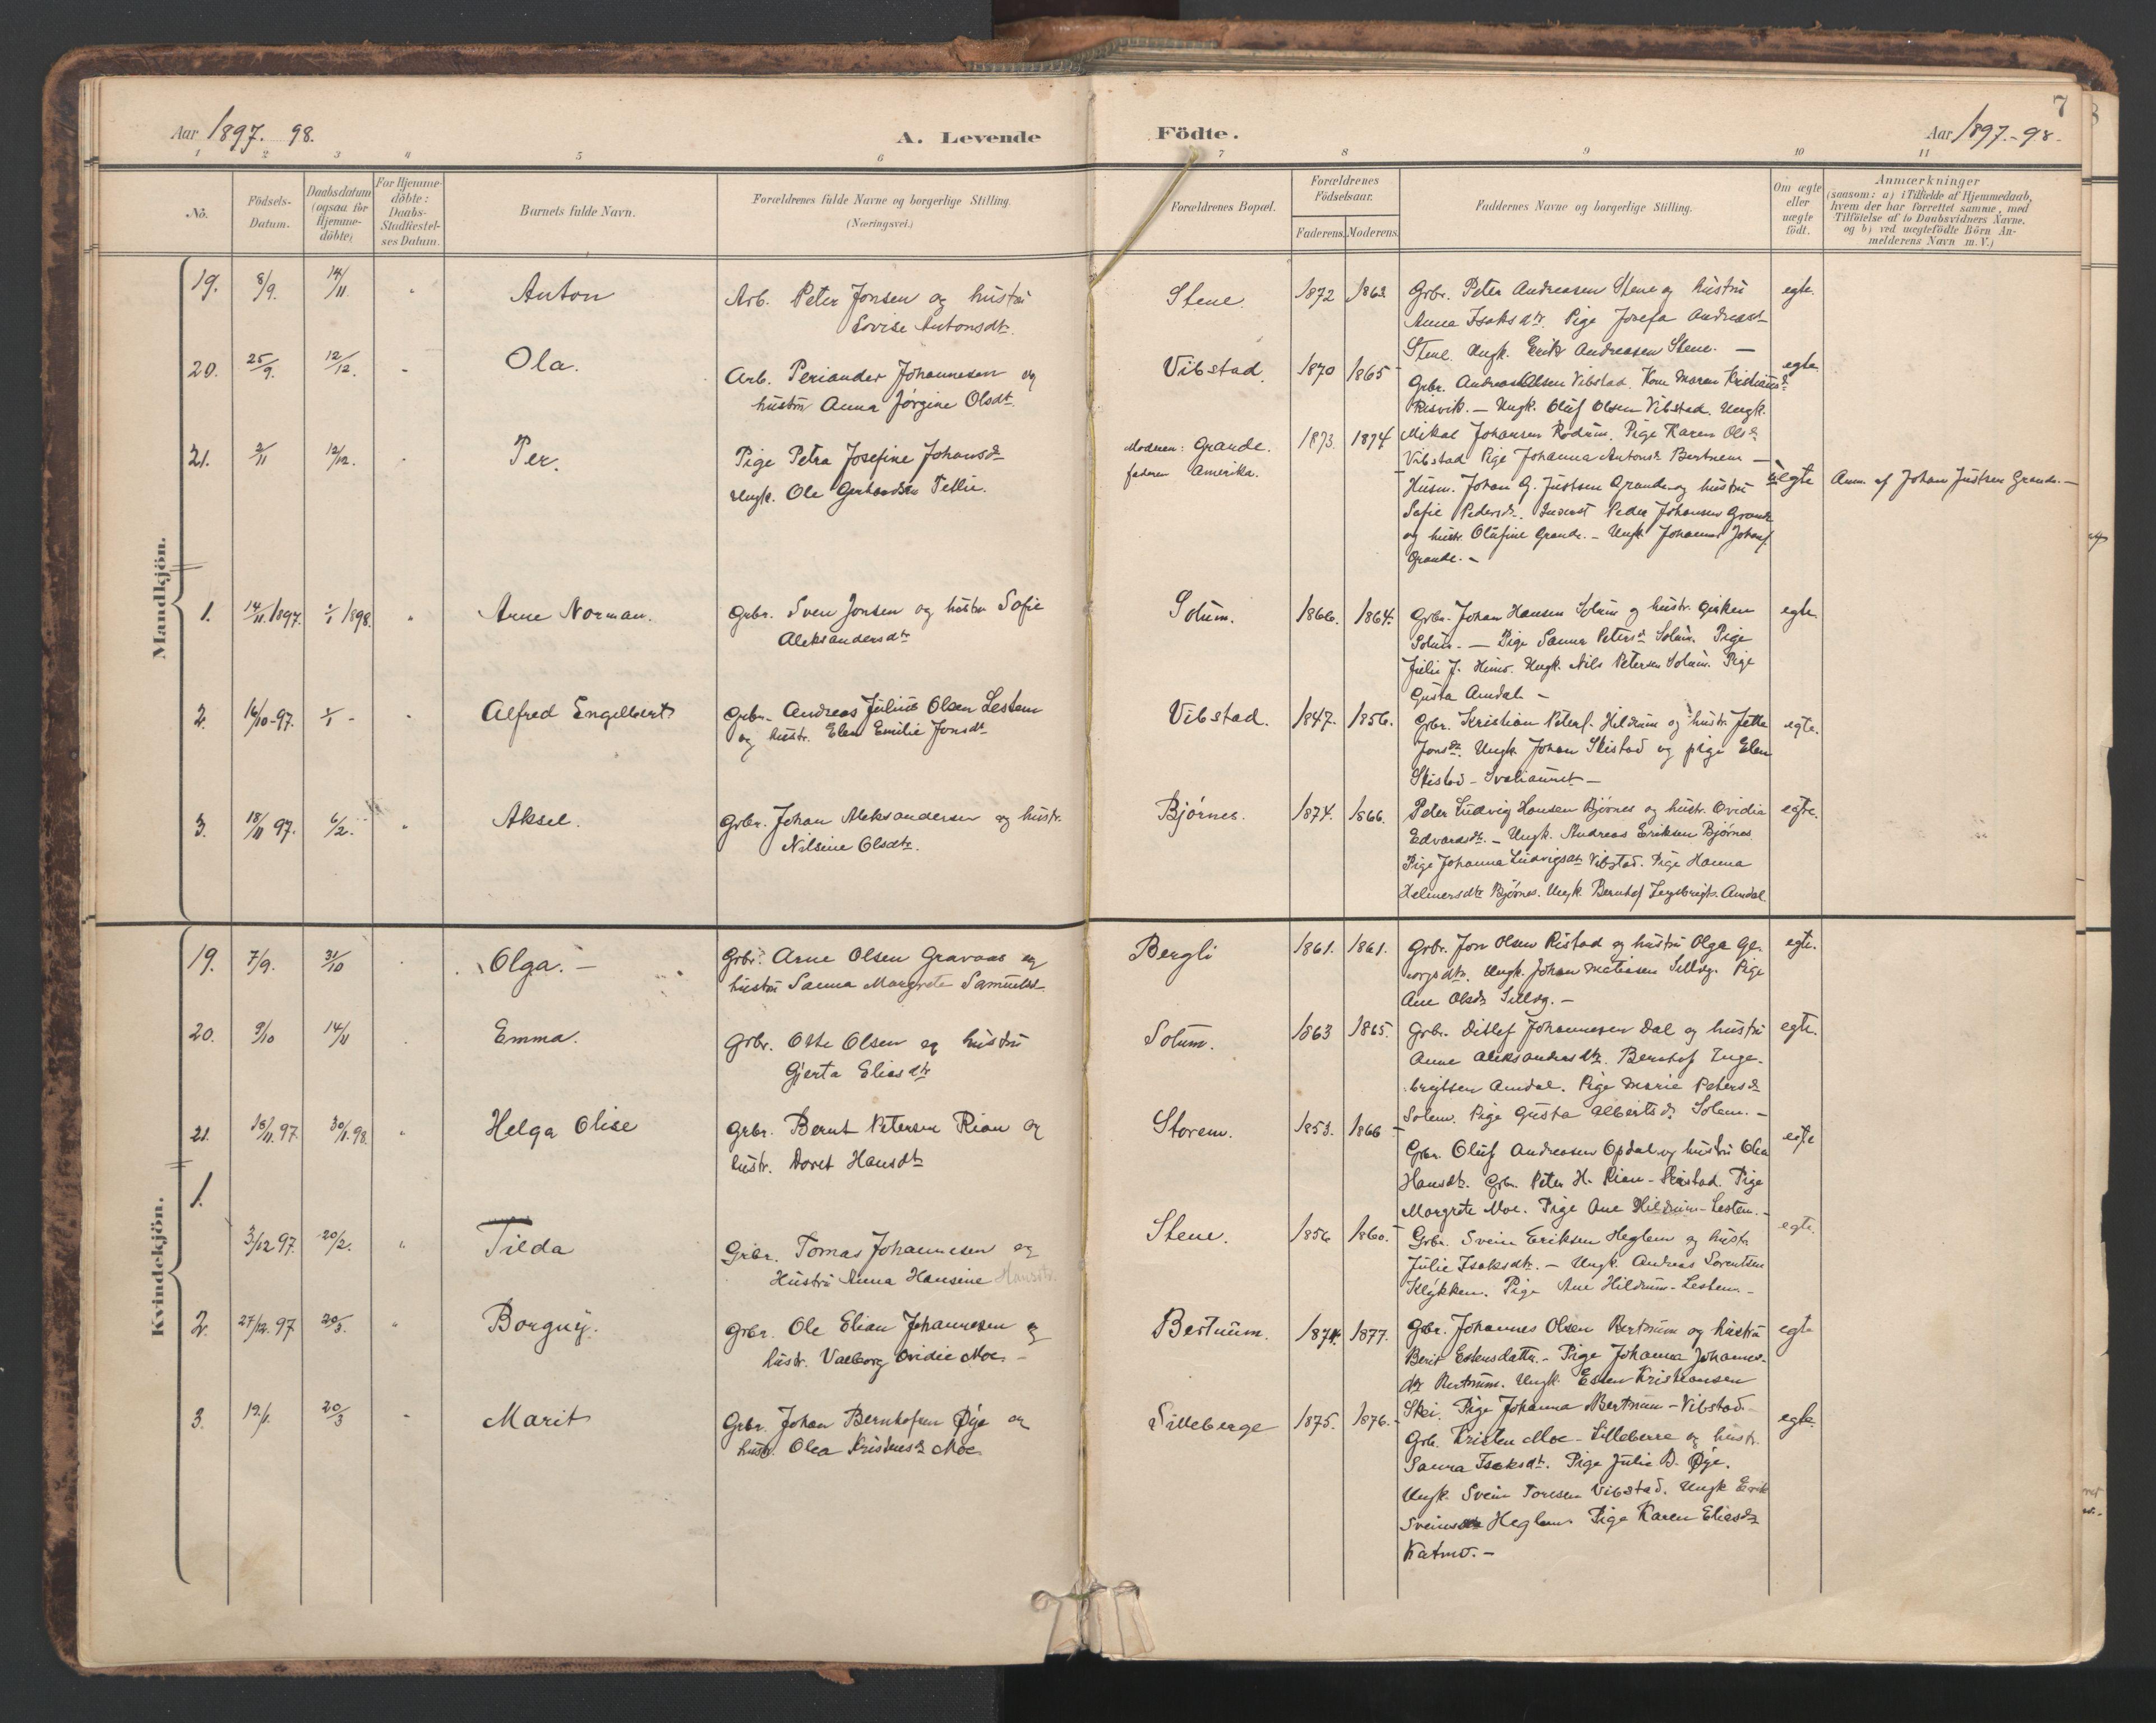 SAT, Ministerialprotokoller, klokkerbøker og fødselsregistre - Nord-Trøndelag, 764/L0556: Ministerialbok nr. 764A11, 1897-1924, s. 7